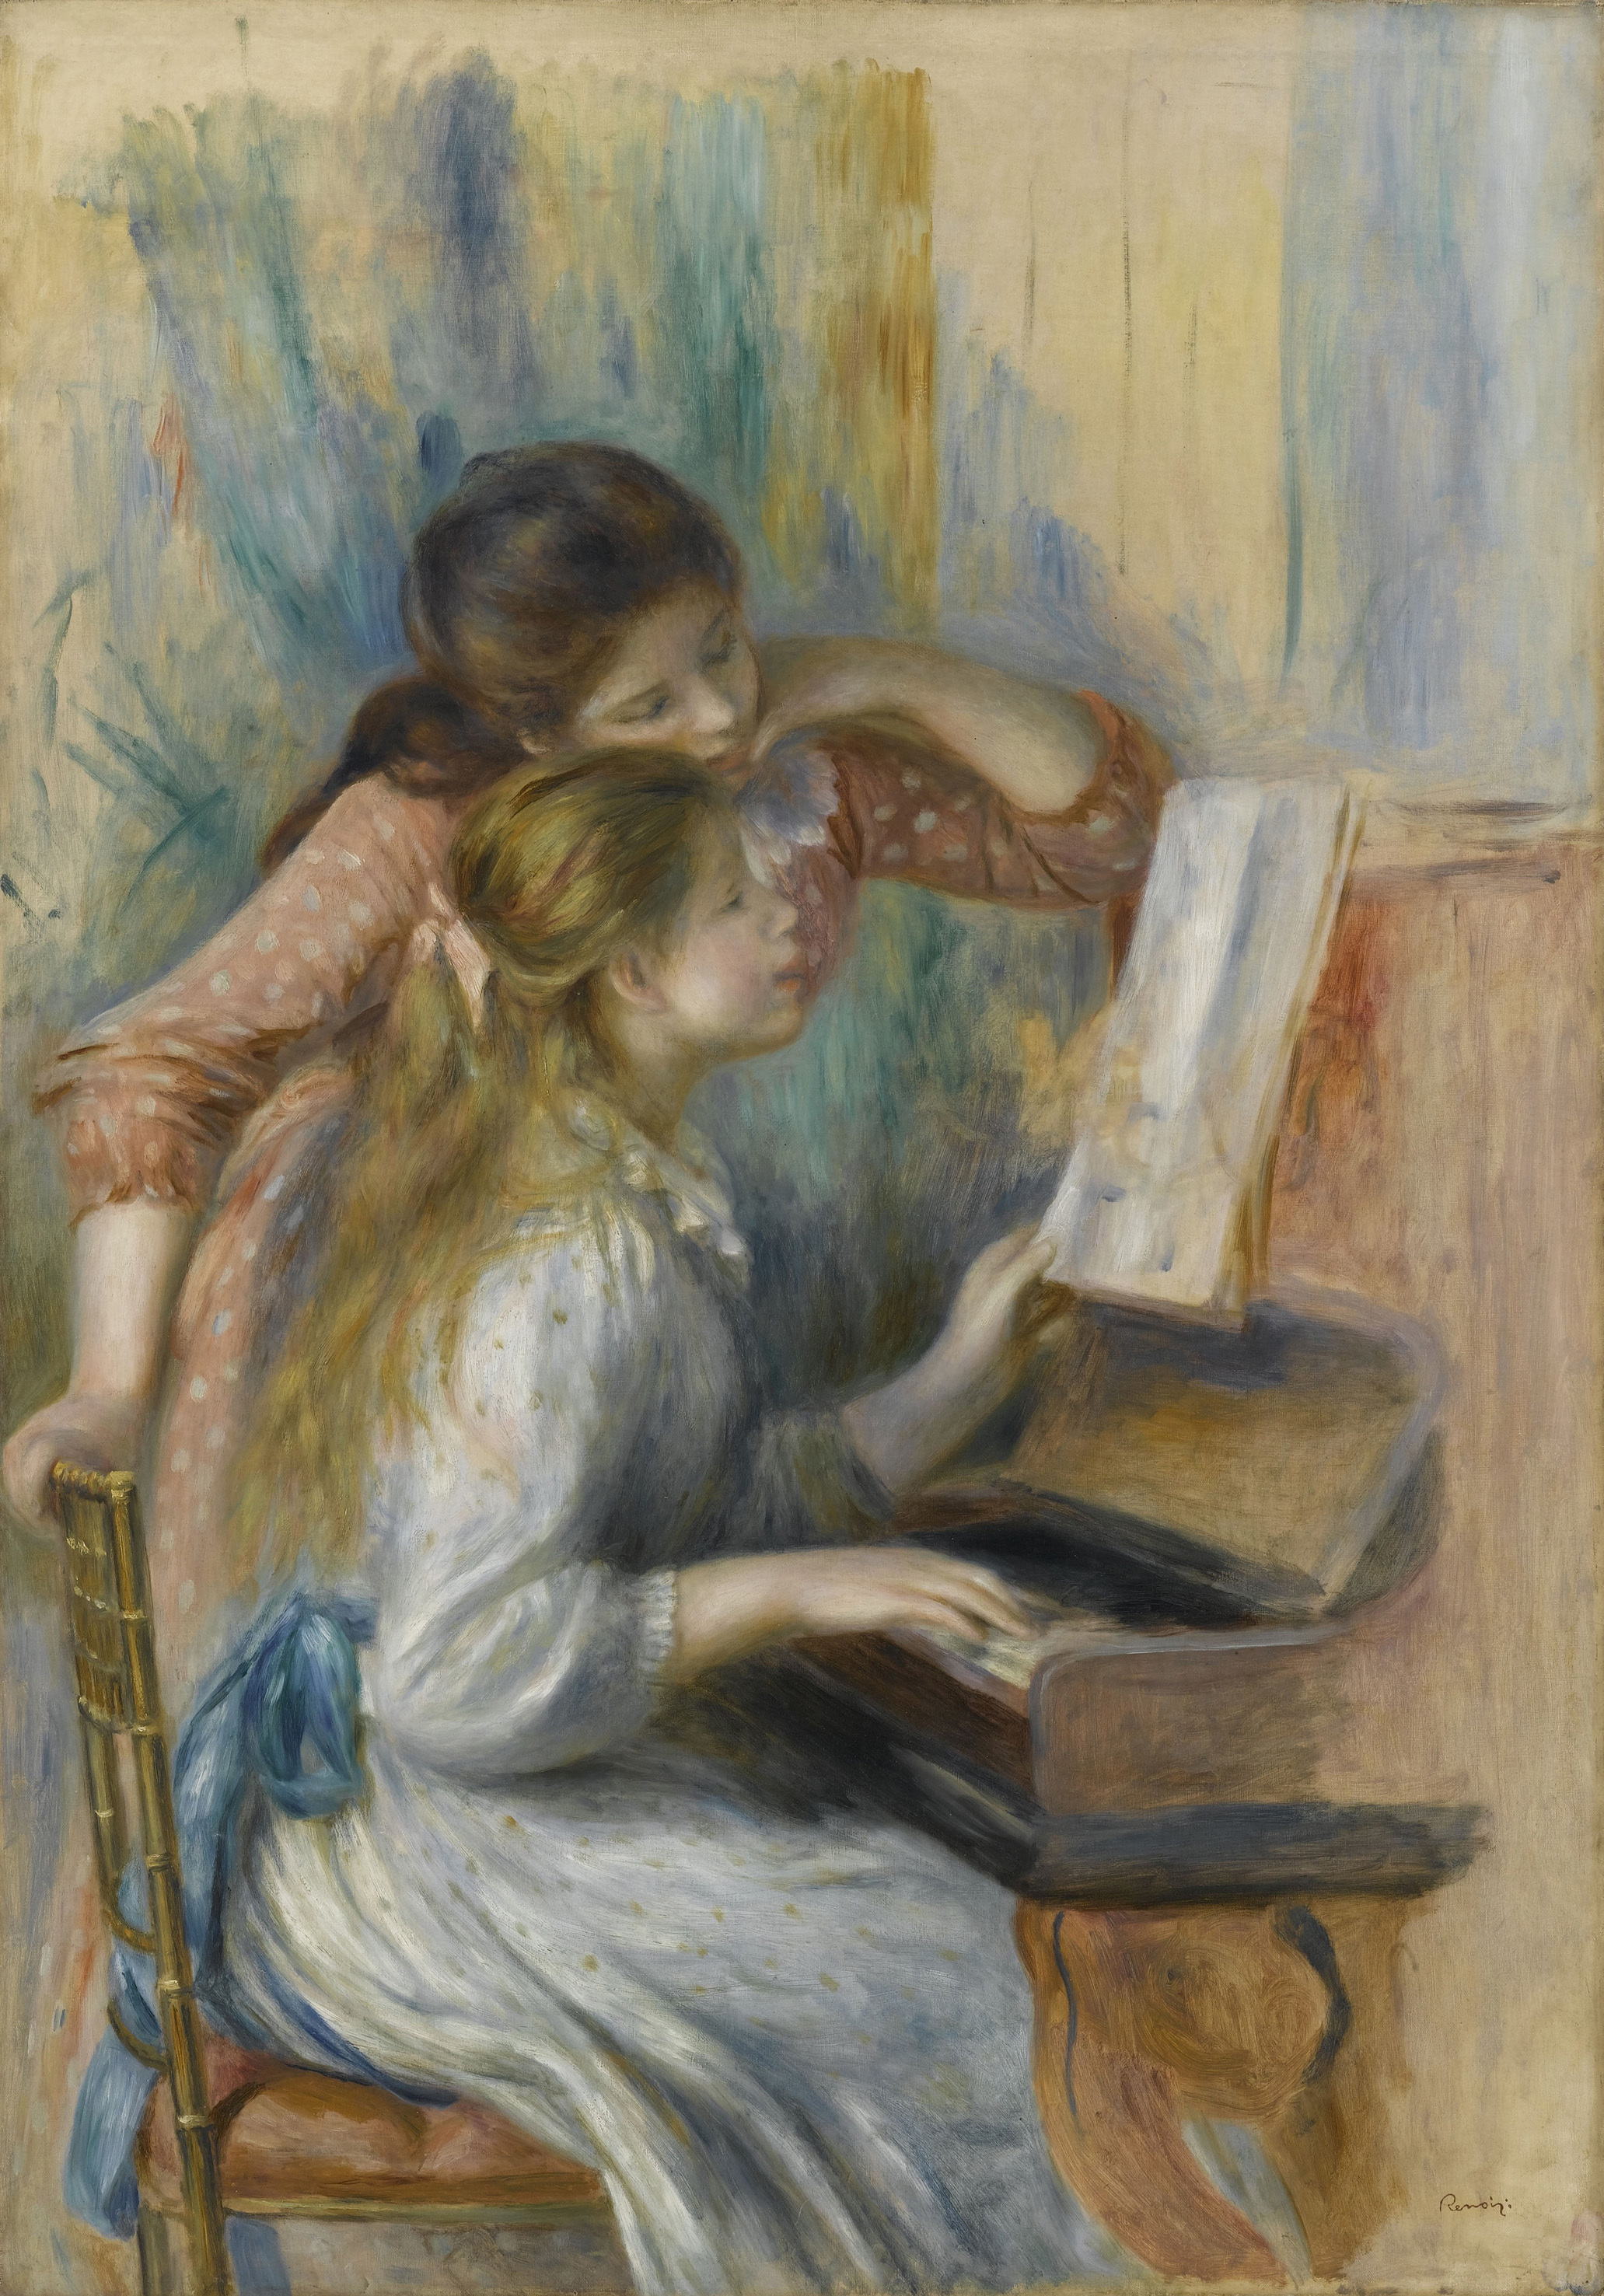 オーギュスト・ルノワール《ピアノを弾く少女たち》1892年頃、油彩・カンヴァス、116×81cm、オランジュリー美術館